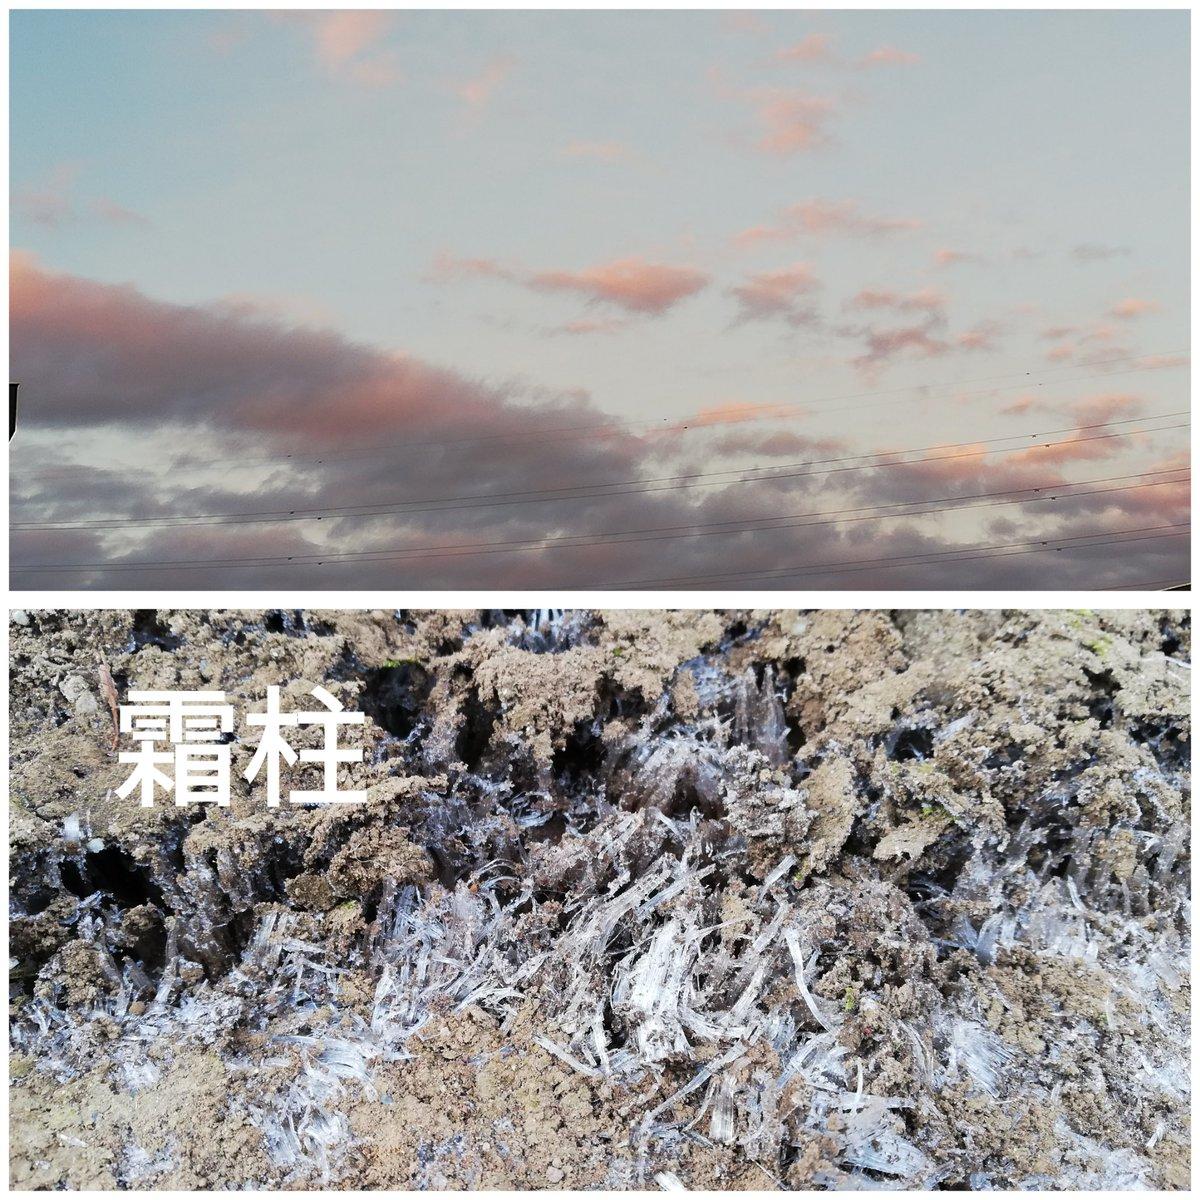 おはようございます。今朝も冷え込みました今週は暖かくなりそうです気温差に体調崩さないように過ごしましょ🍀*゜